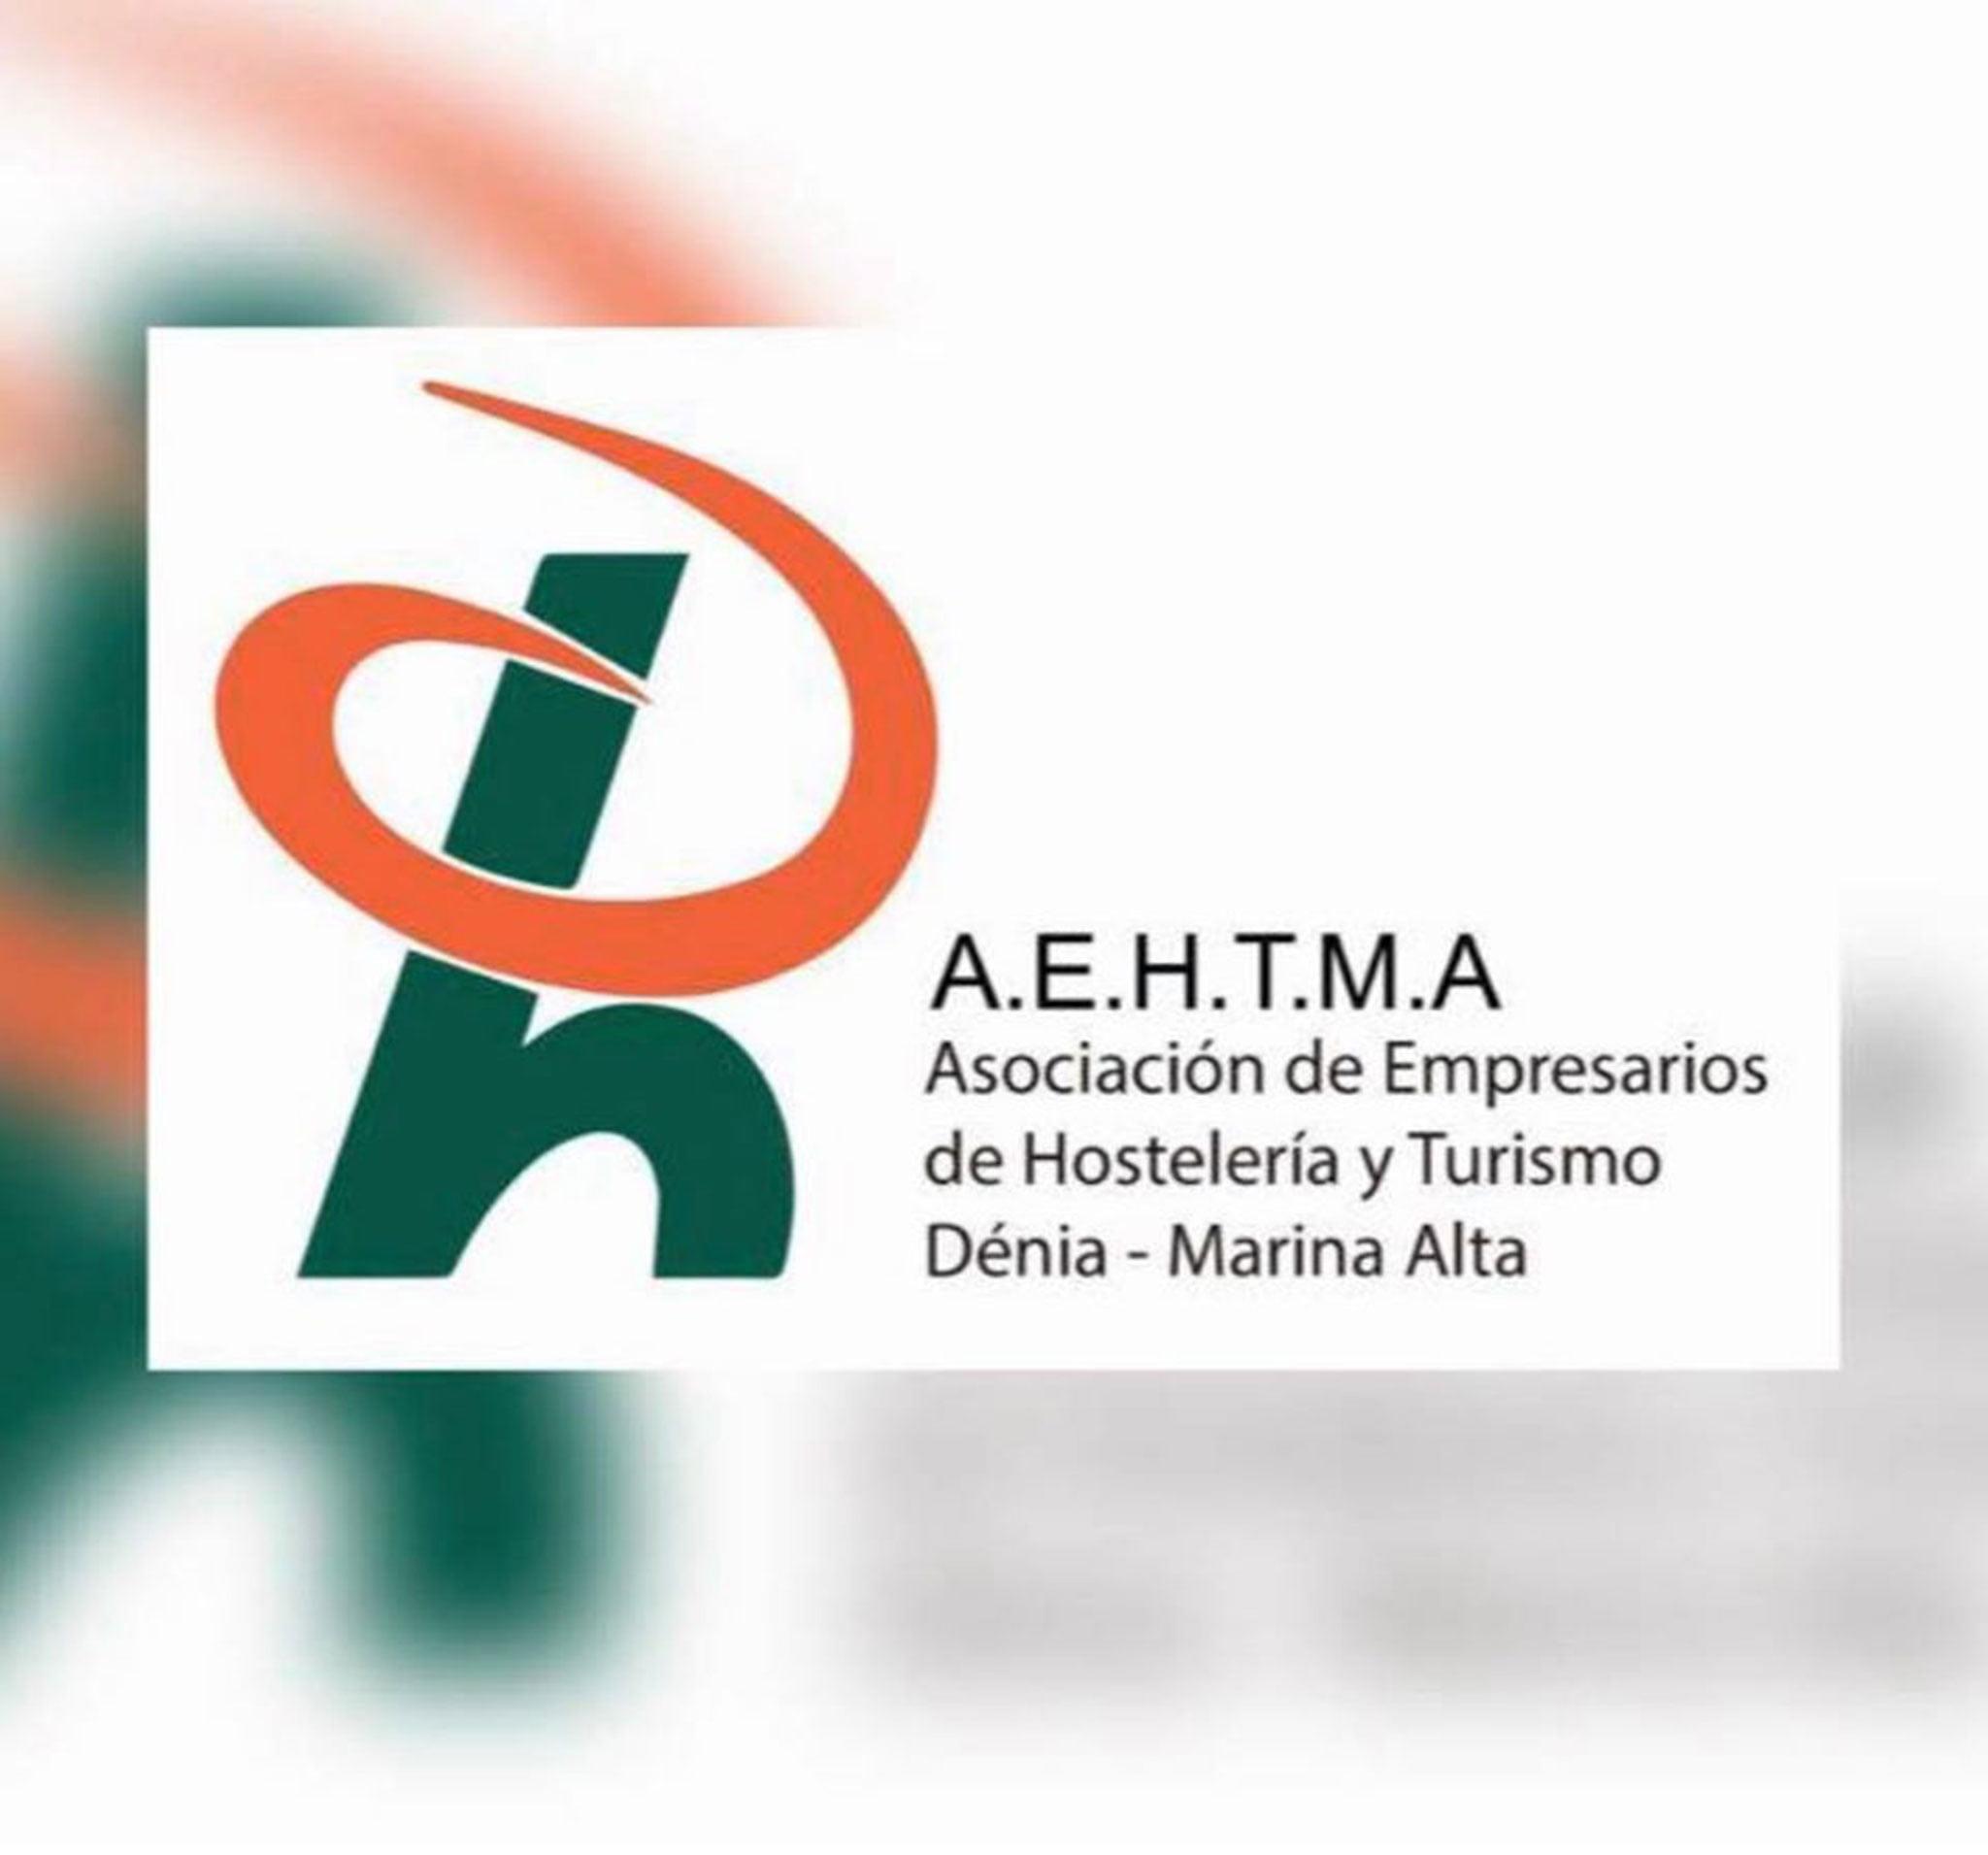 Logotipo de la Asociación de Empresarios de Hostelería de la Marina Alta